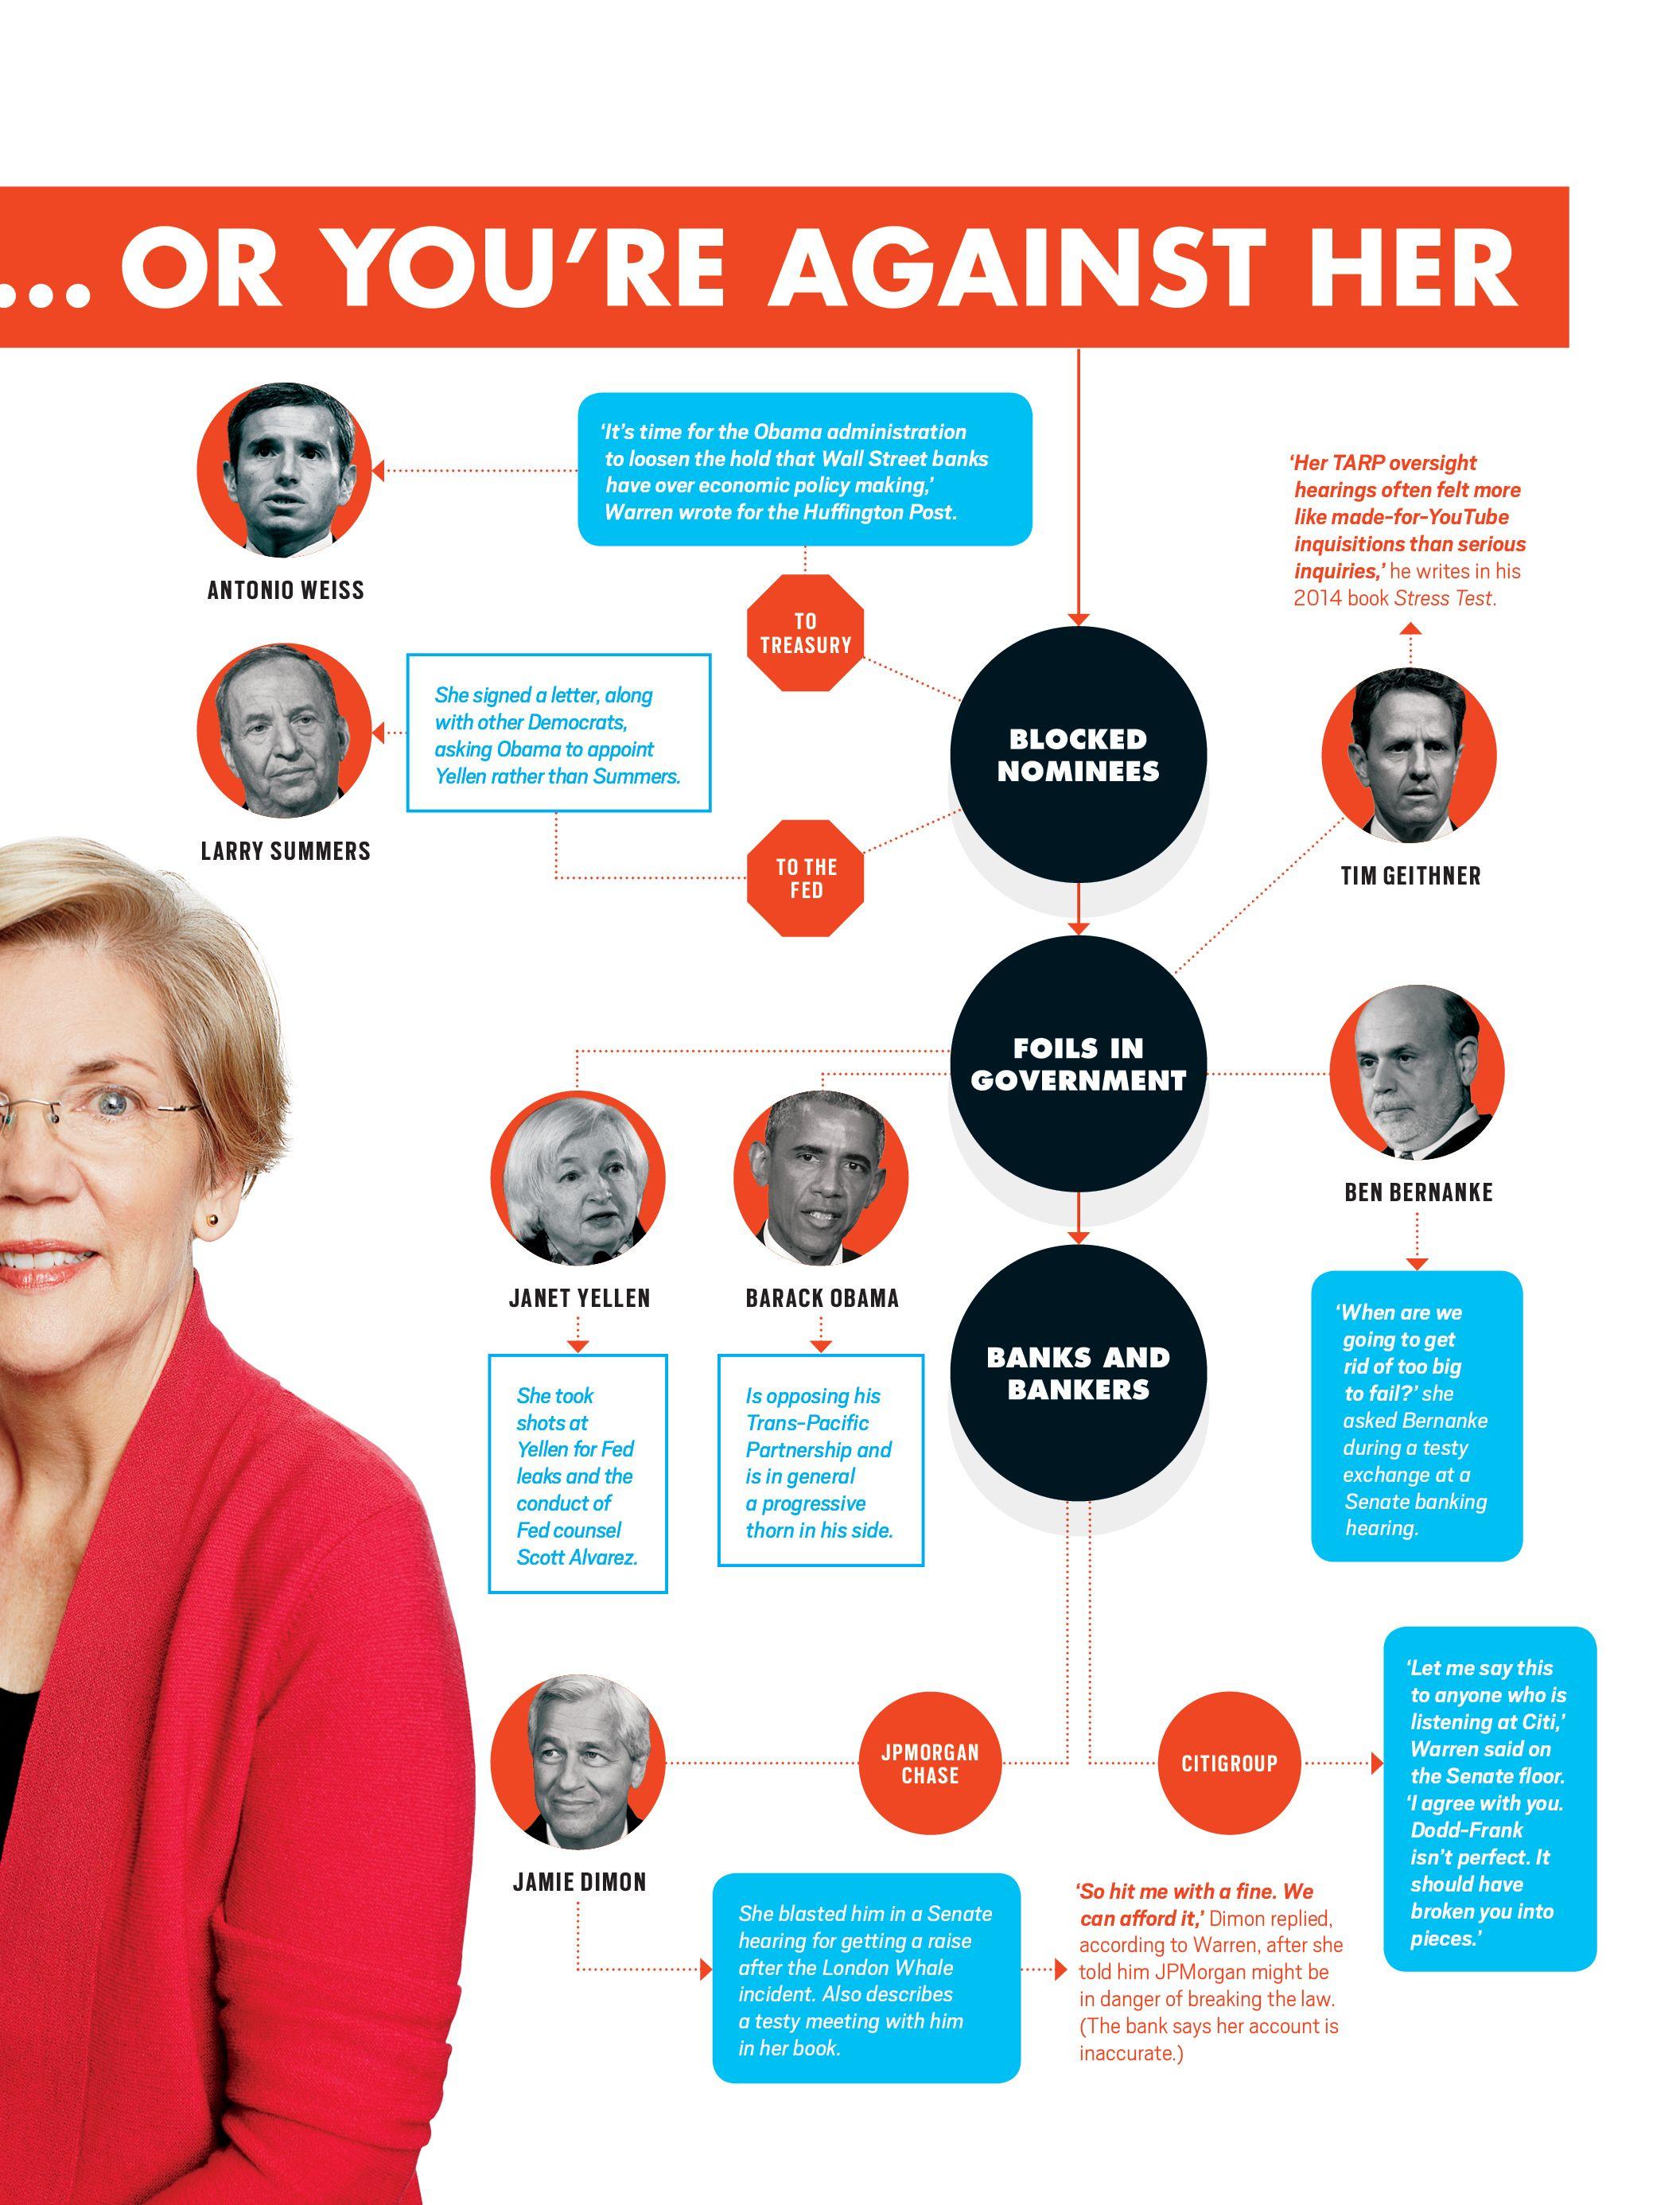 The Elizabeth Warren Effect With Images Elizabeth Warren Bloomberg Business Obama Administration